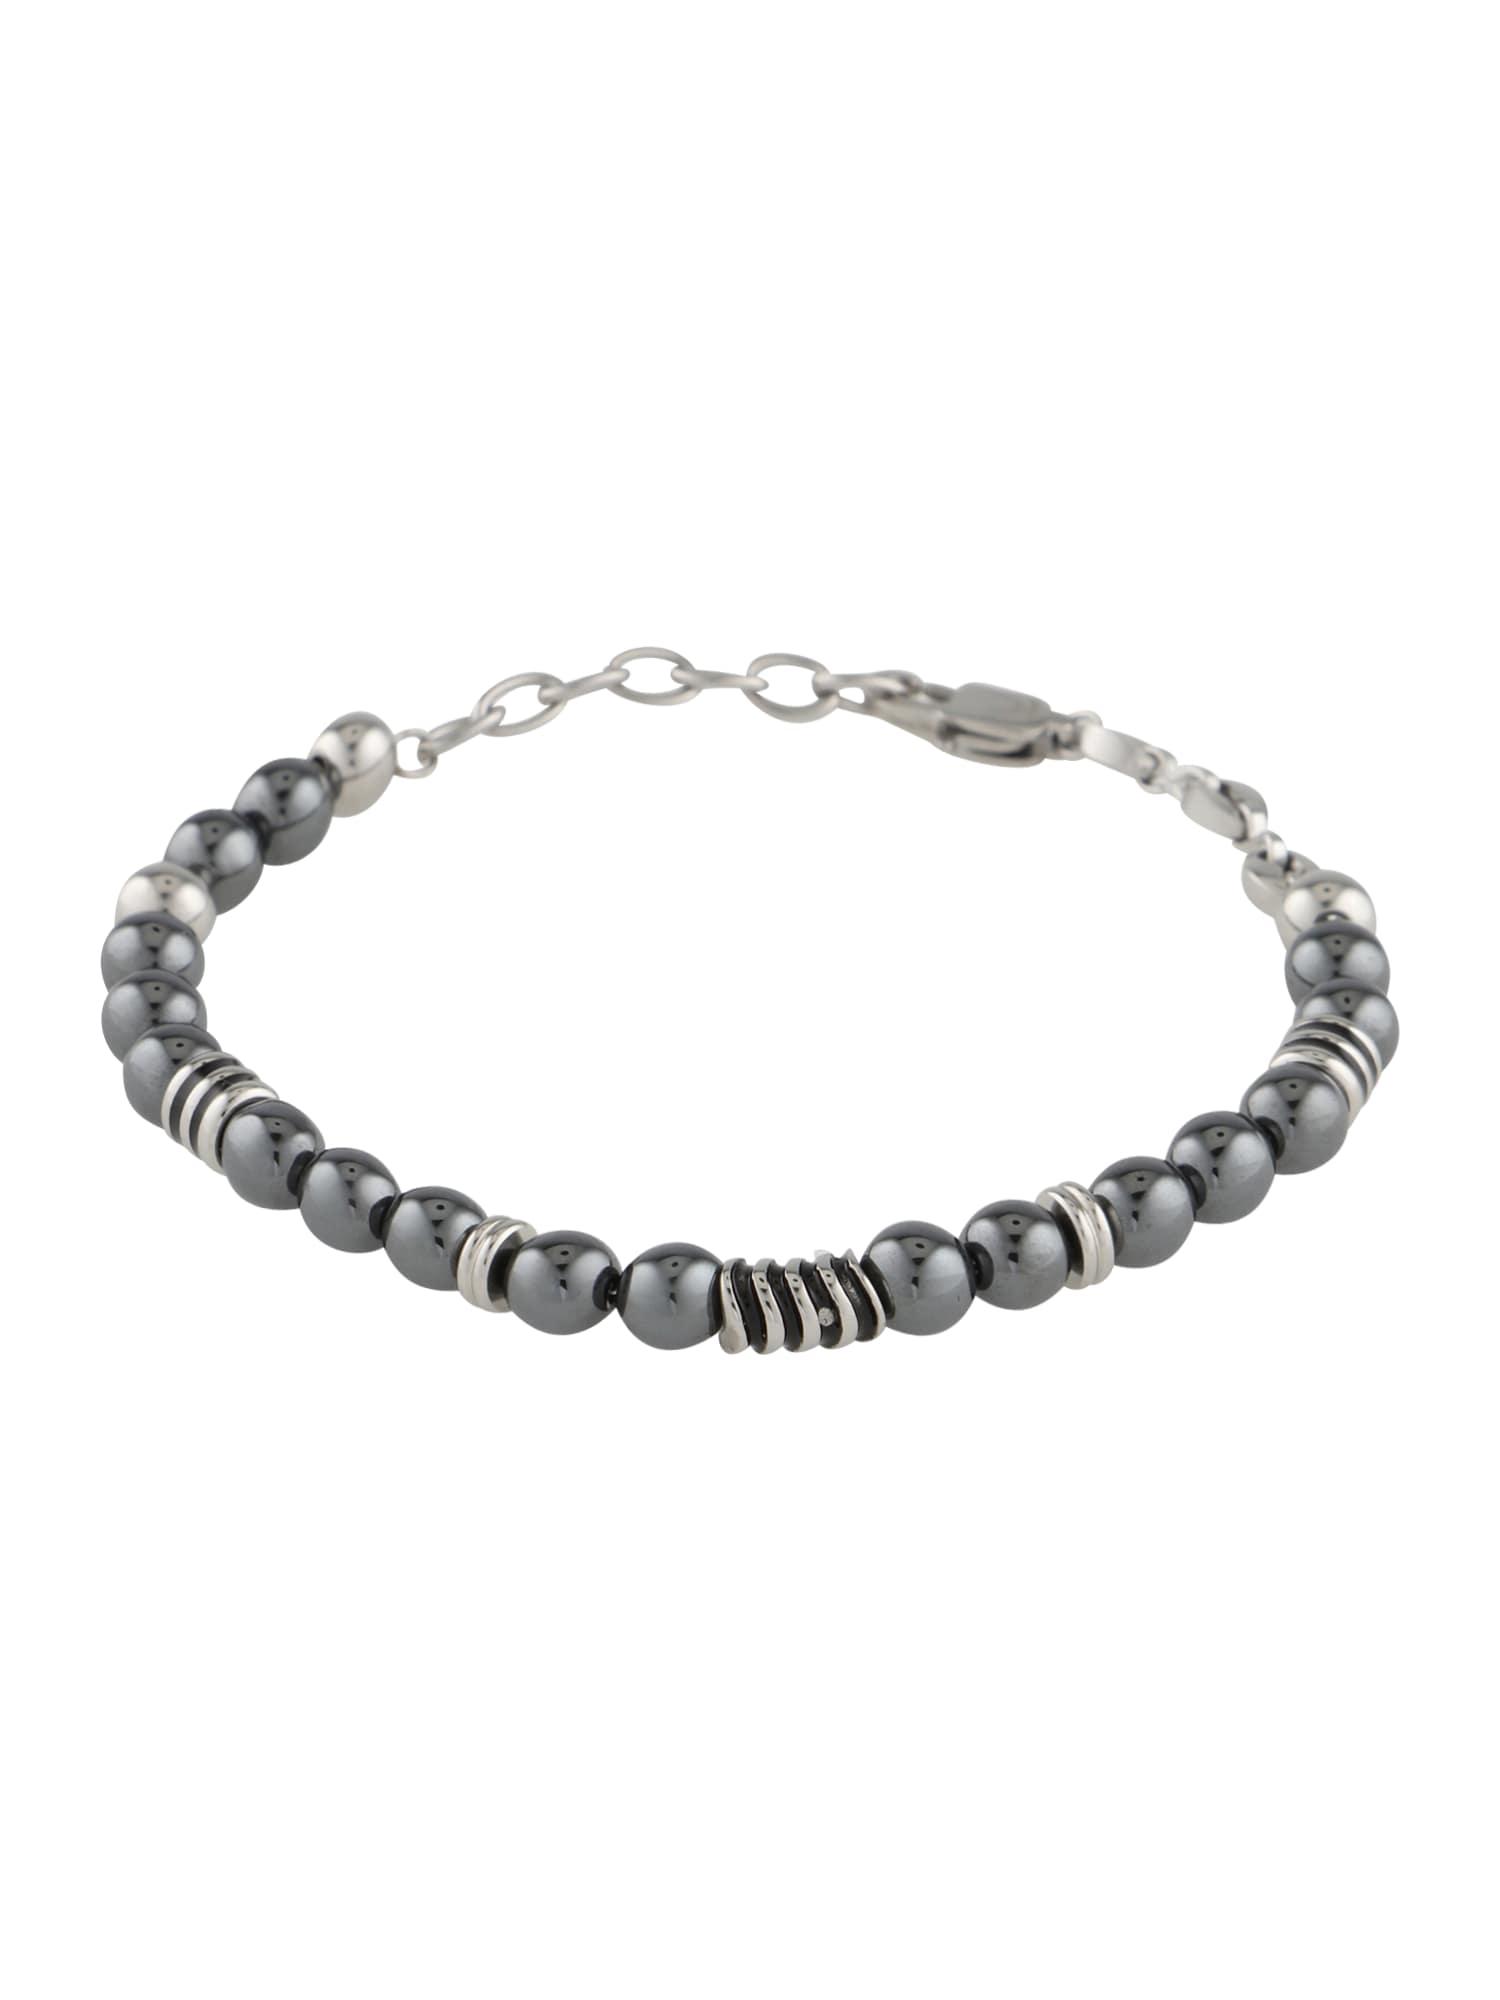 Náramek Bead Bracelet stříbrně šedá ROYAL-EGO